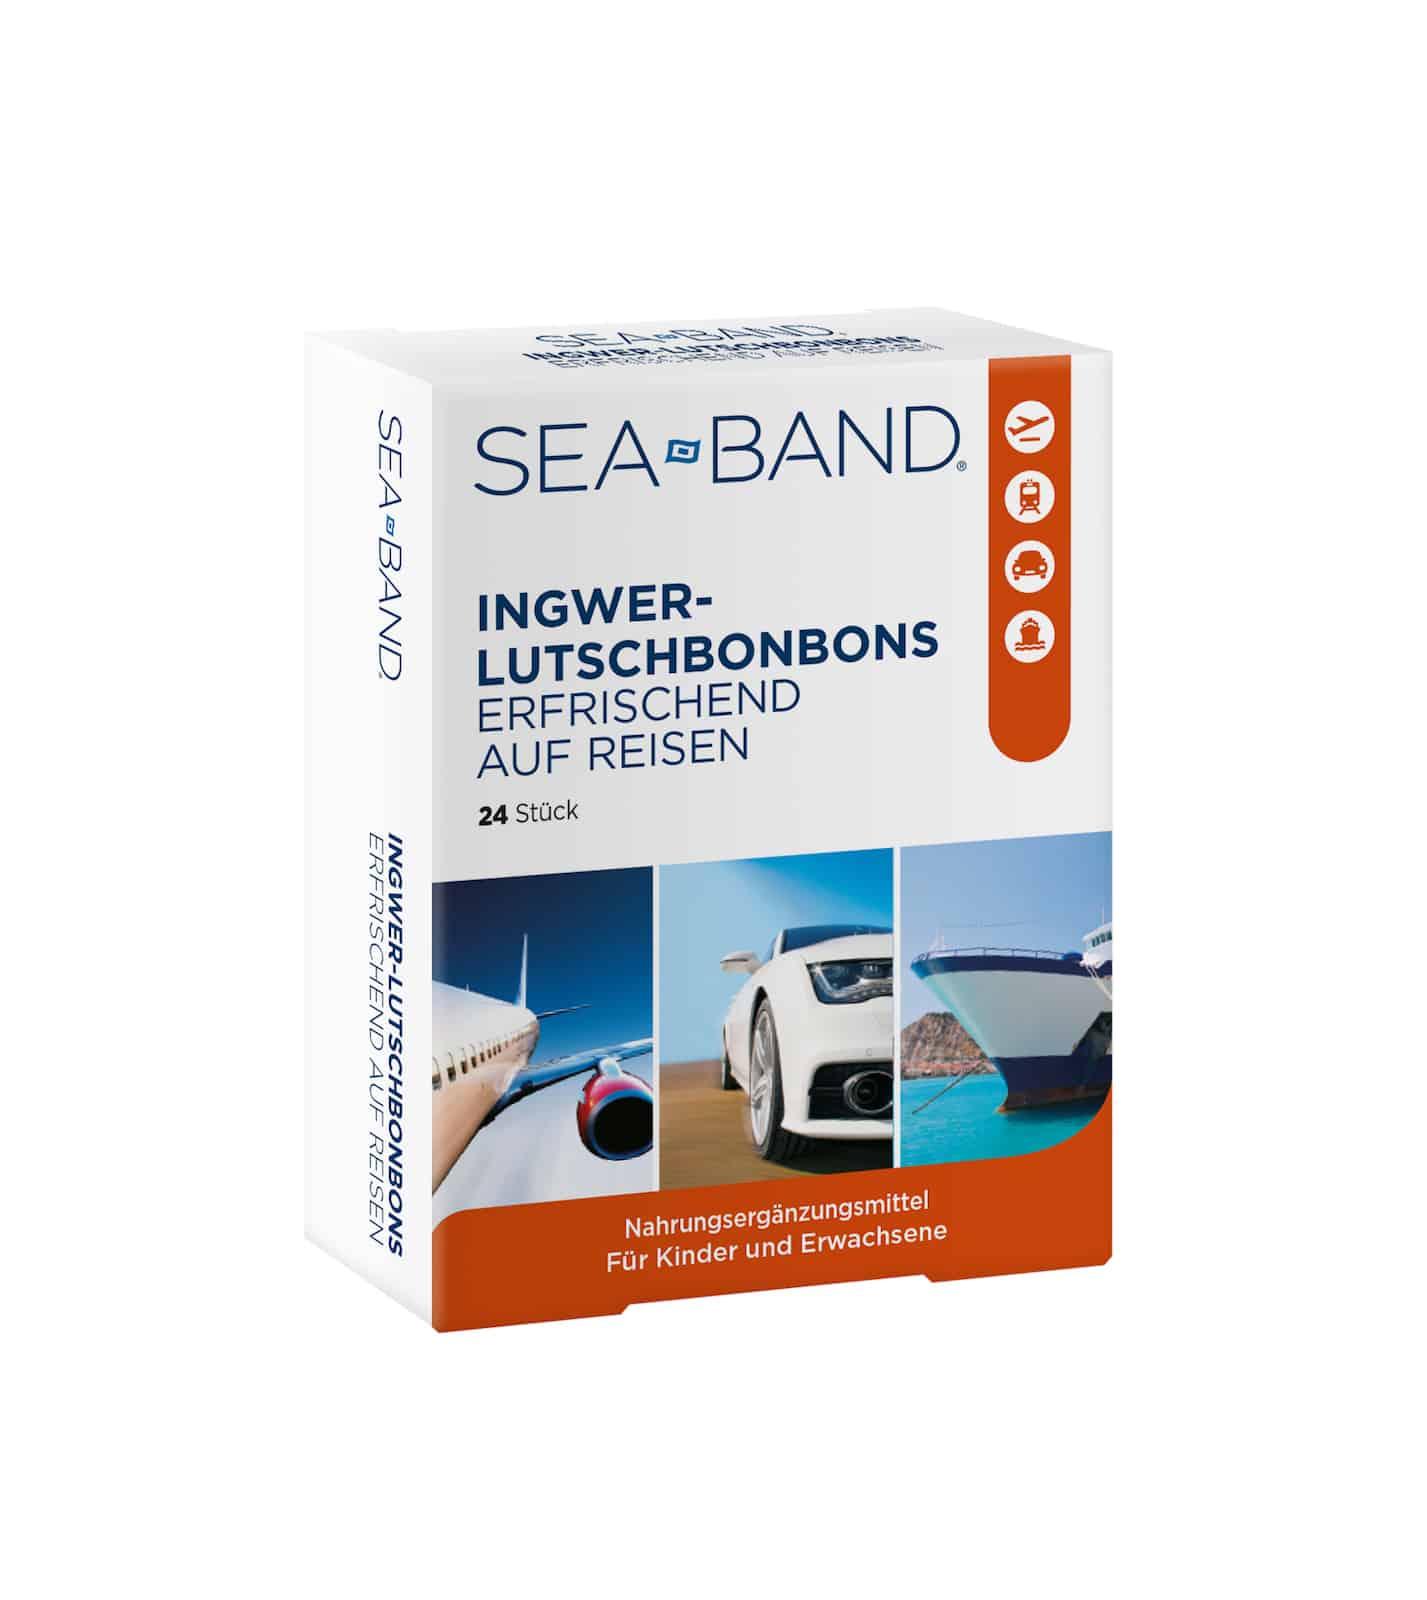 SEA-BAND Ingwer Lutschbonbons - Erfrischend auf Reisen